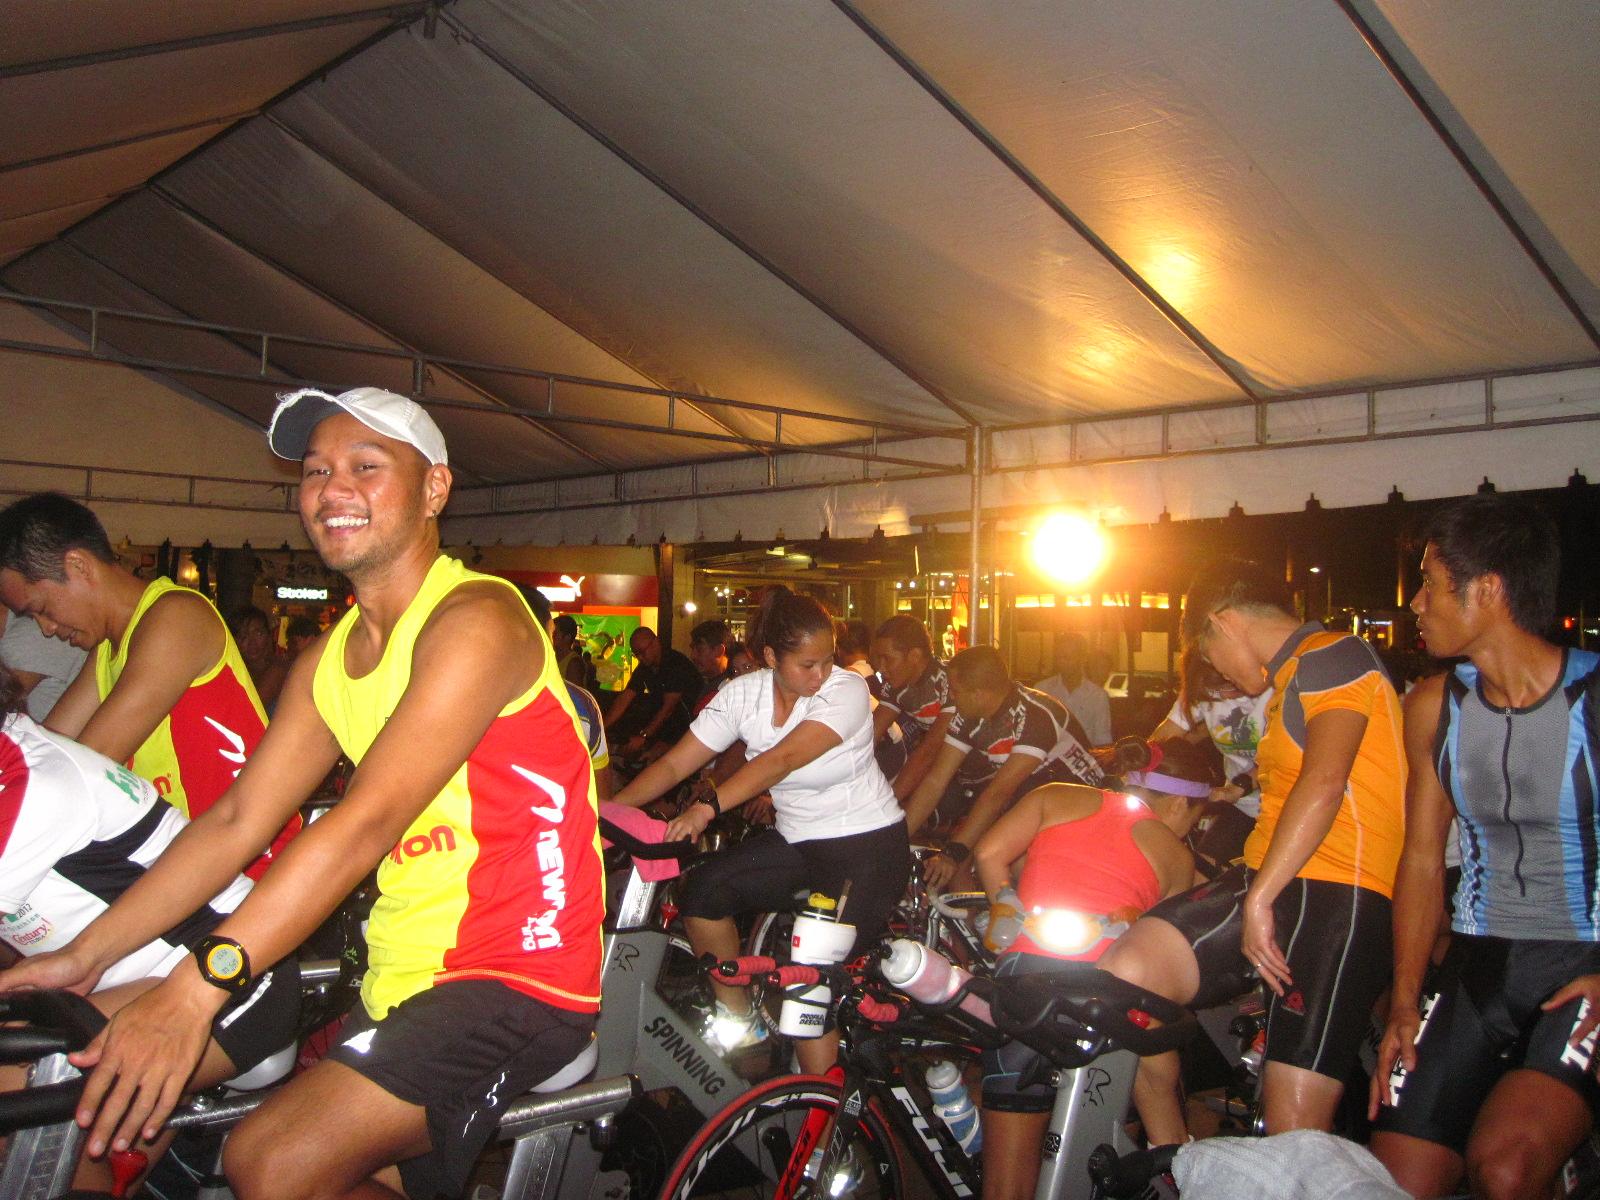 RUNNR Discover Duathlon: Bike